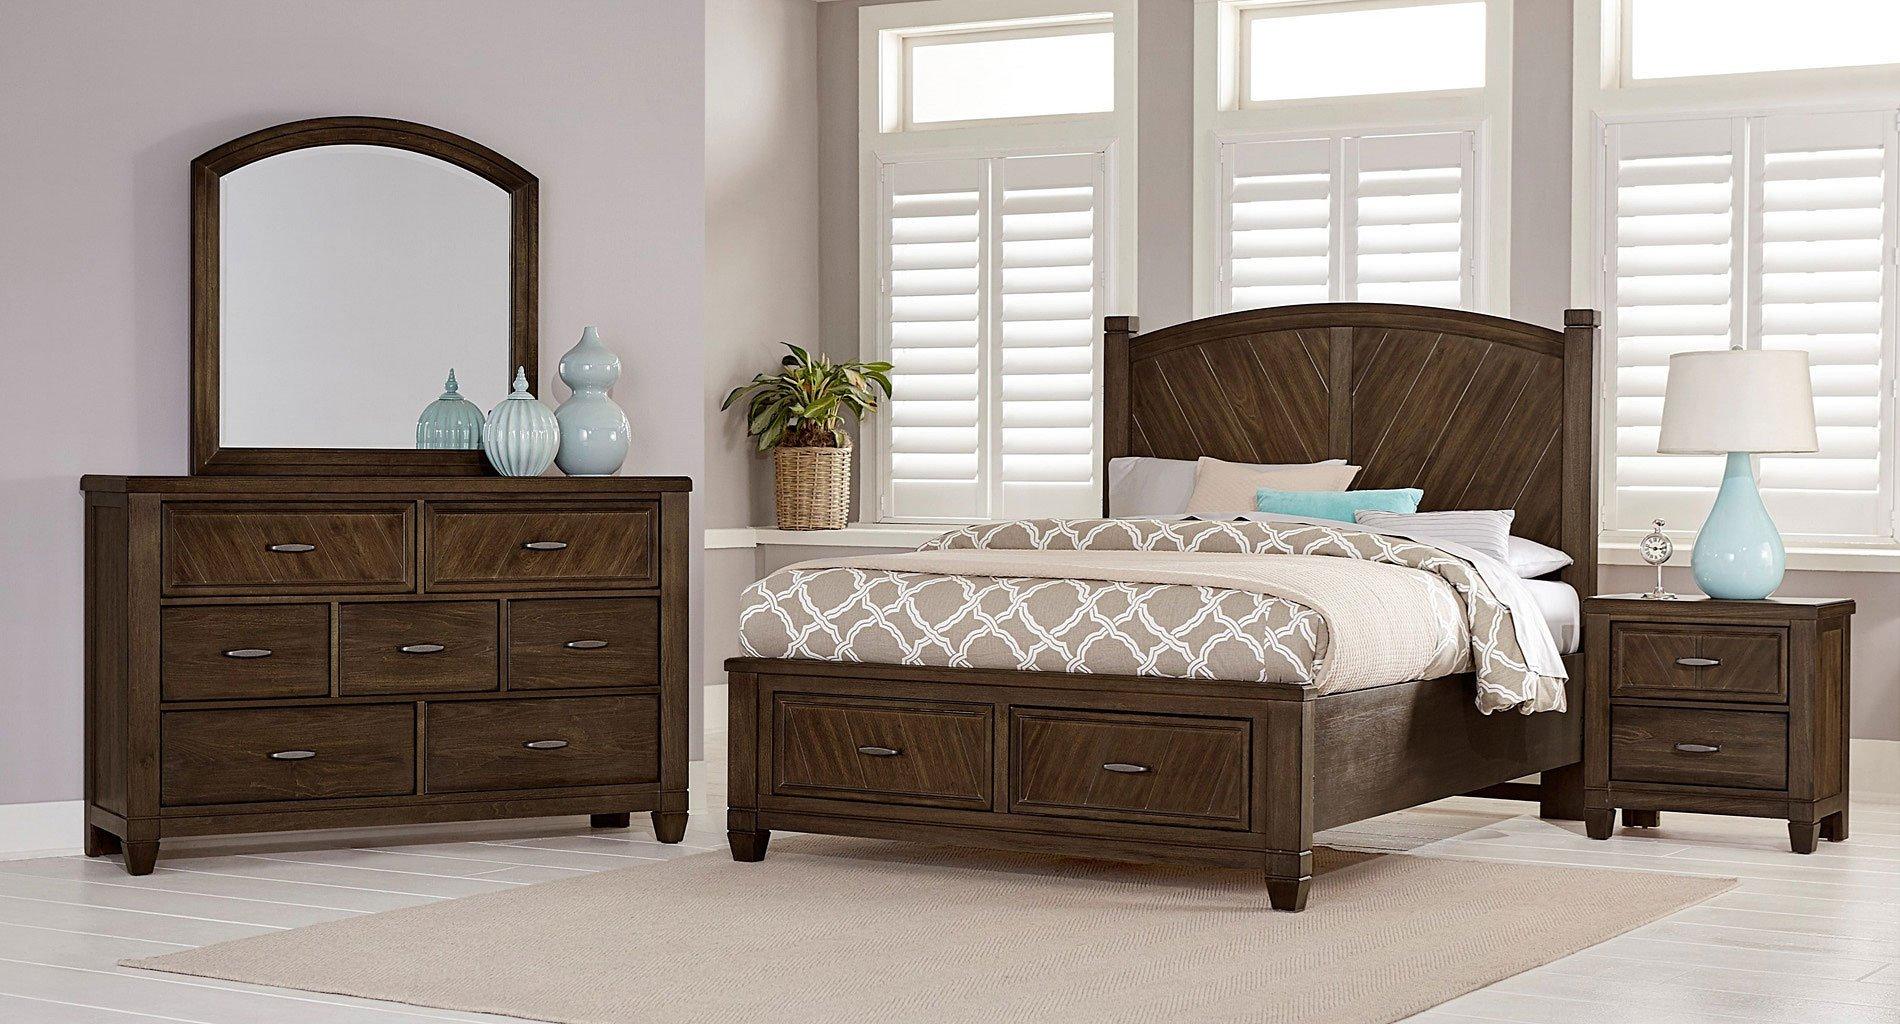 Rustic cottage platform storage bedroom set oak vaughan - Platform bedroom sets with storage ...